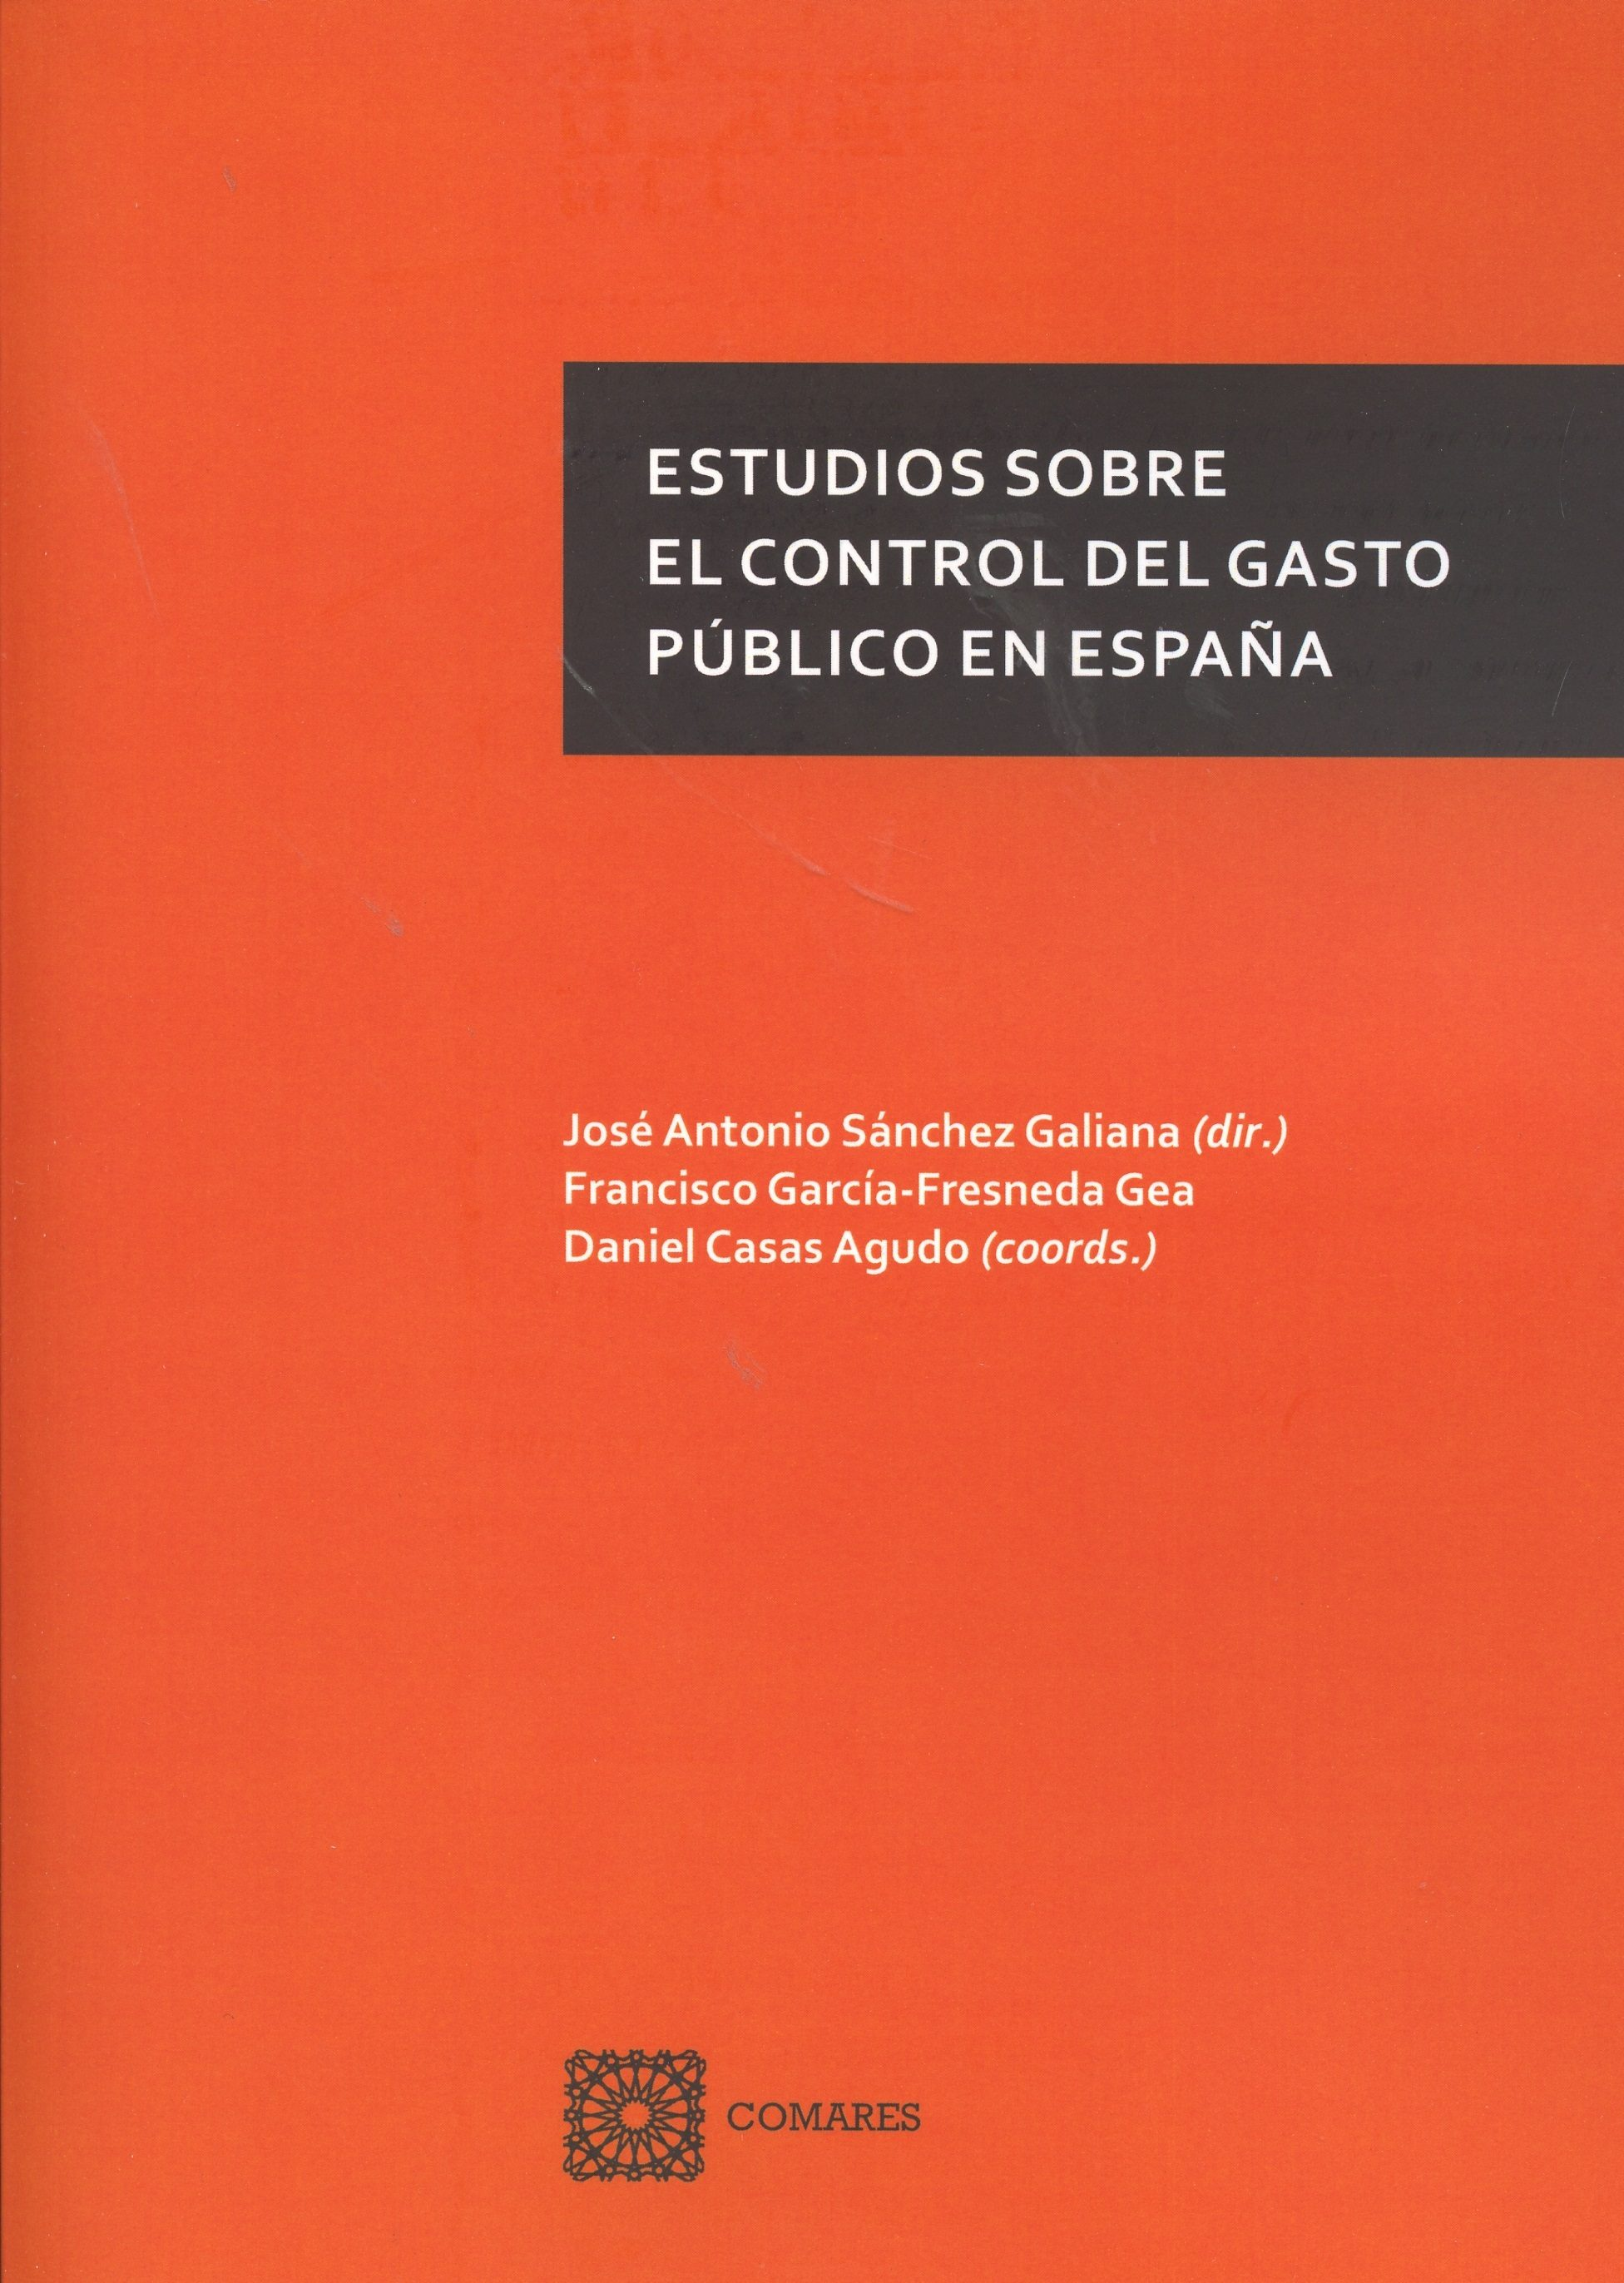 ESTUDIOS SOBRE EL CONTROL DEL GASTO PUBLICO EN ESPAÑA   JOSE ANTONIO ...